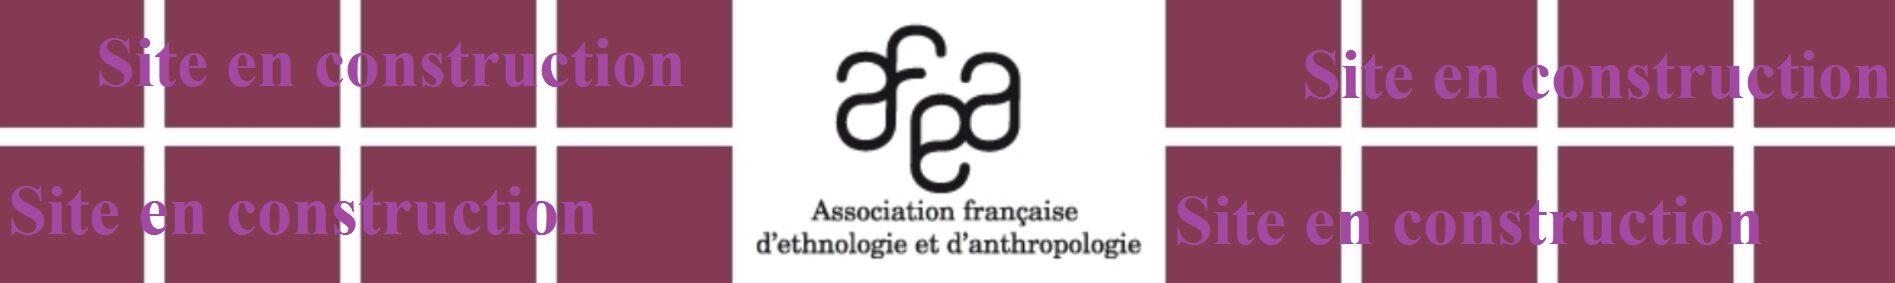 AFEA - Association française d'ethnologie et d'anthropologie